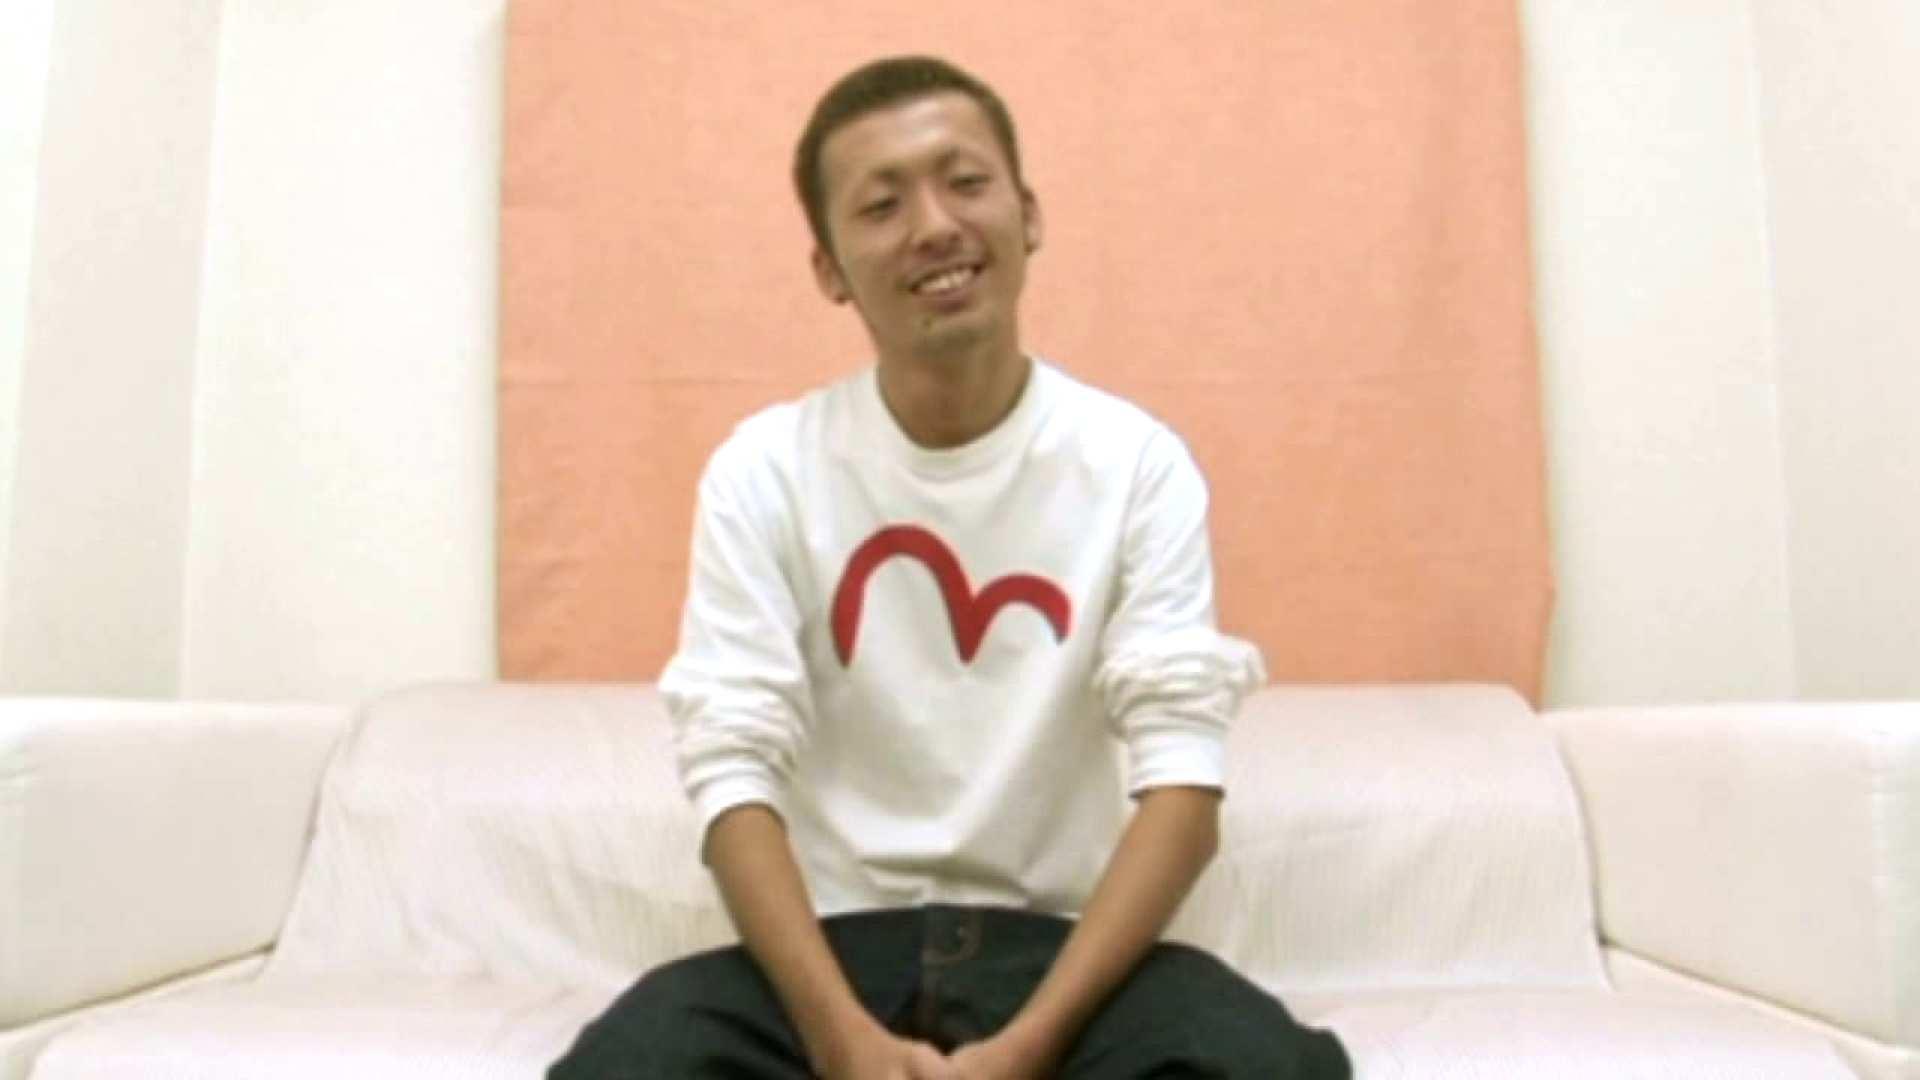 ノンケ!自慰スタジオ No.11 オナニー専門男子 ゲイアダルトビデオ画像 59画像 2